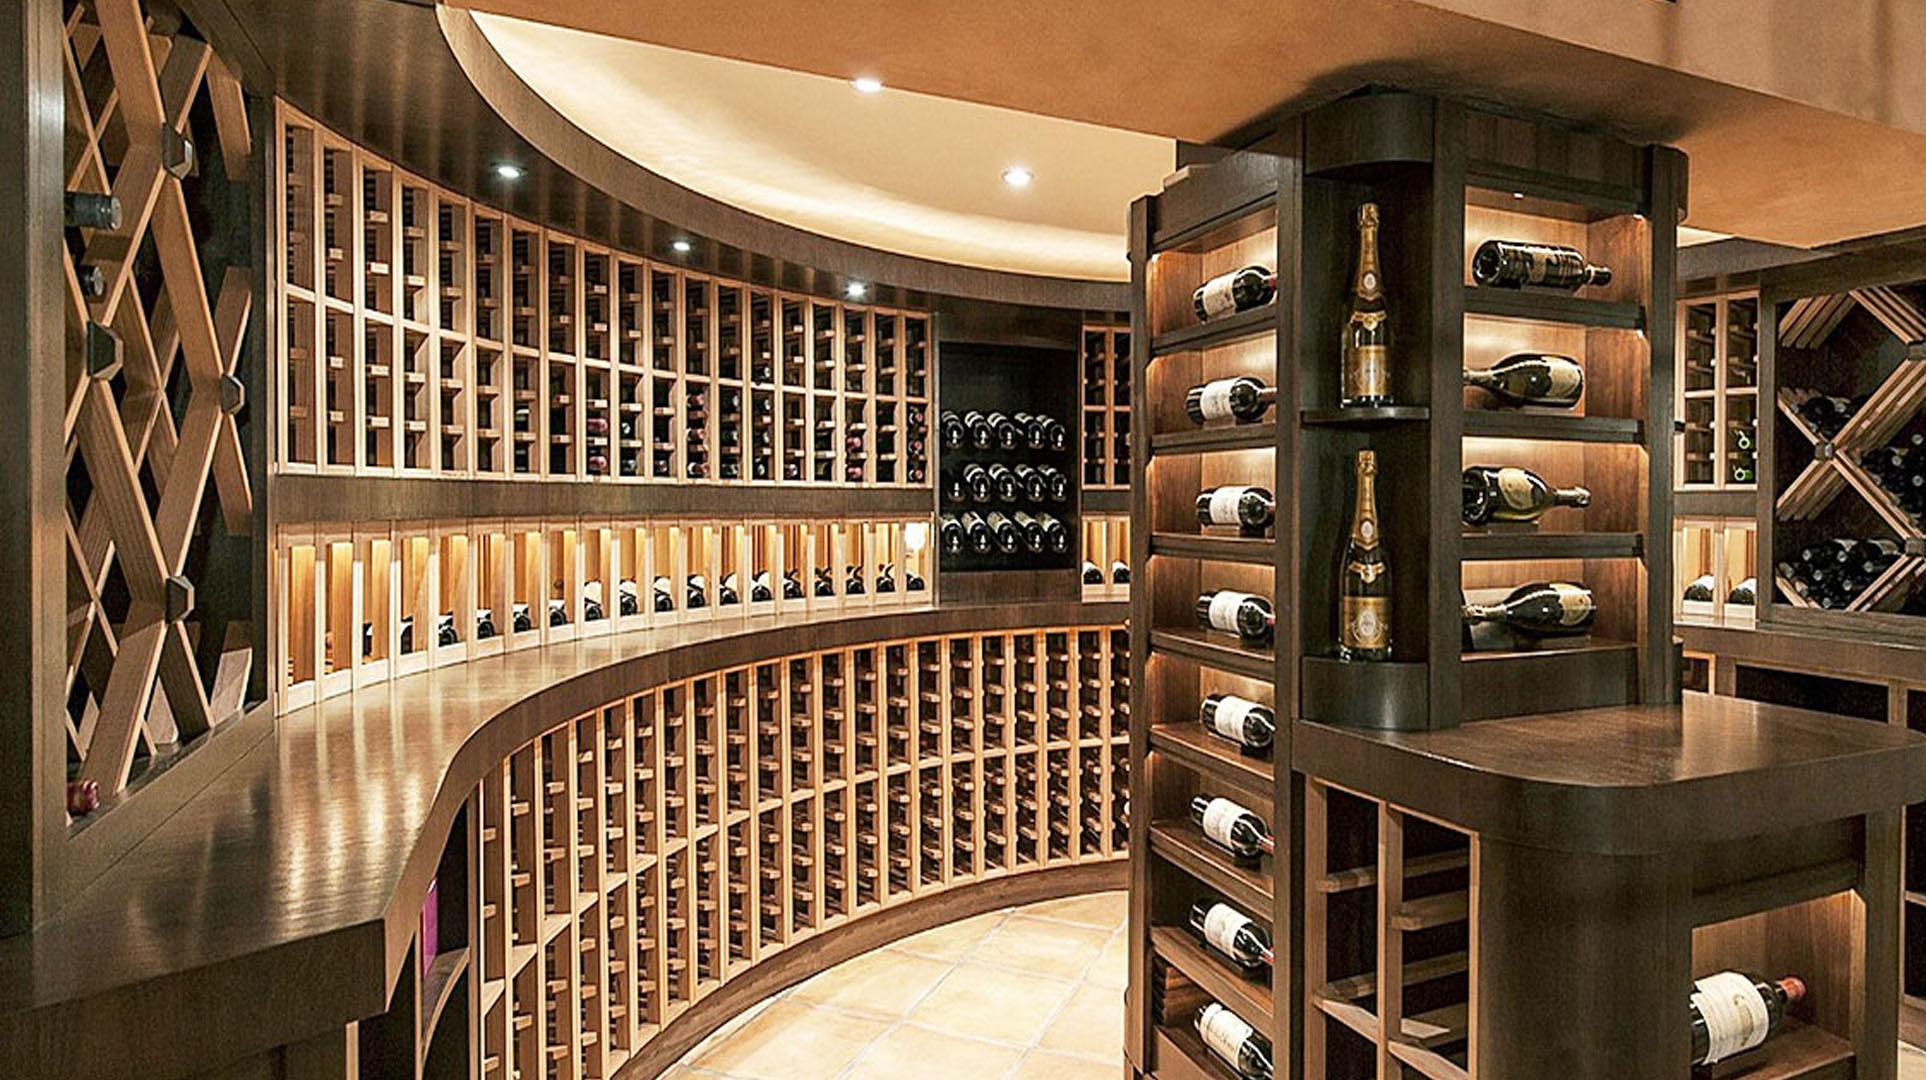 Cava de vinos a medida